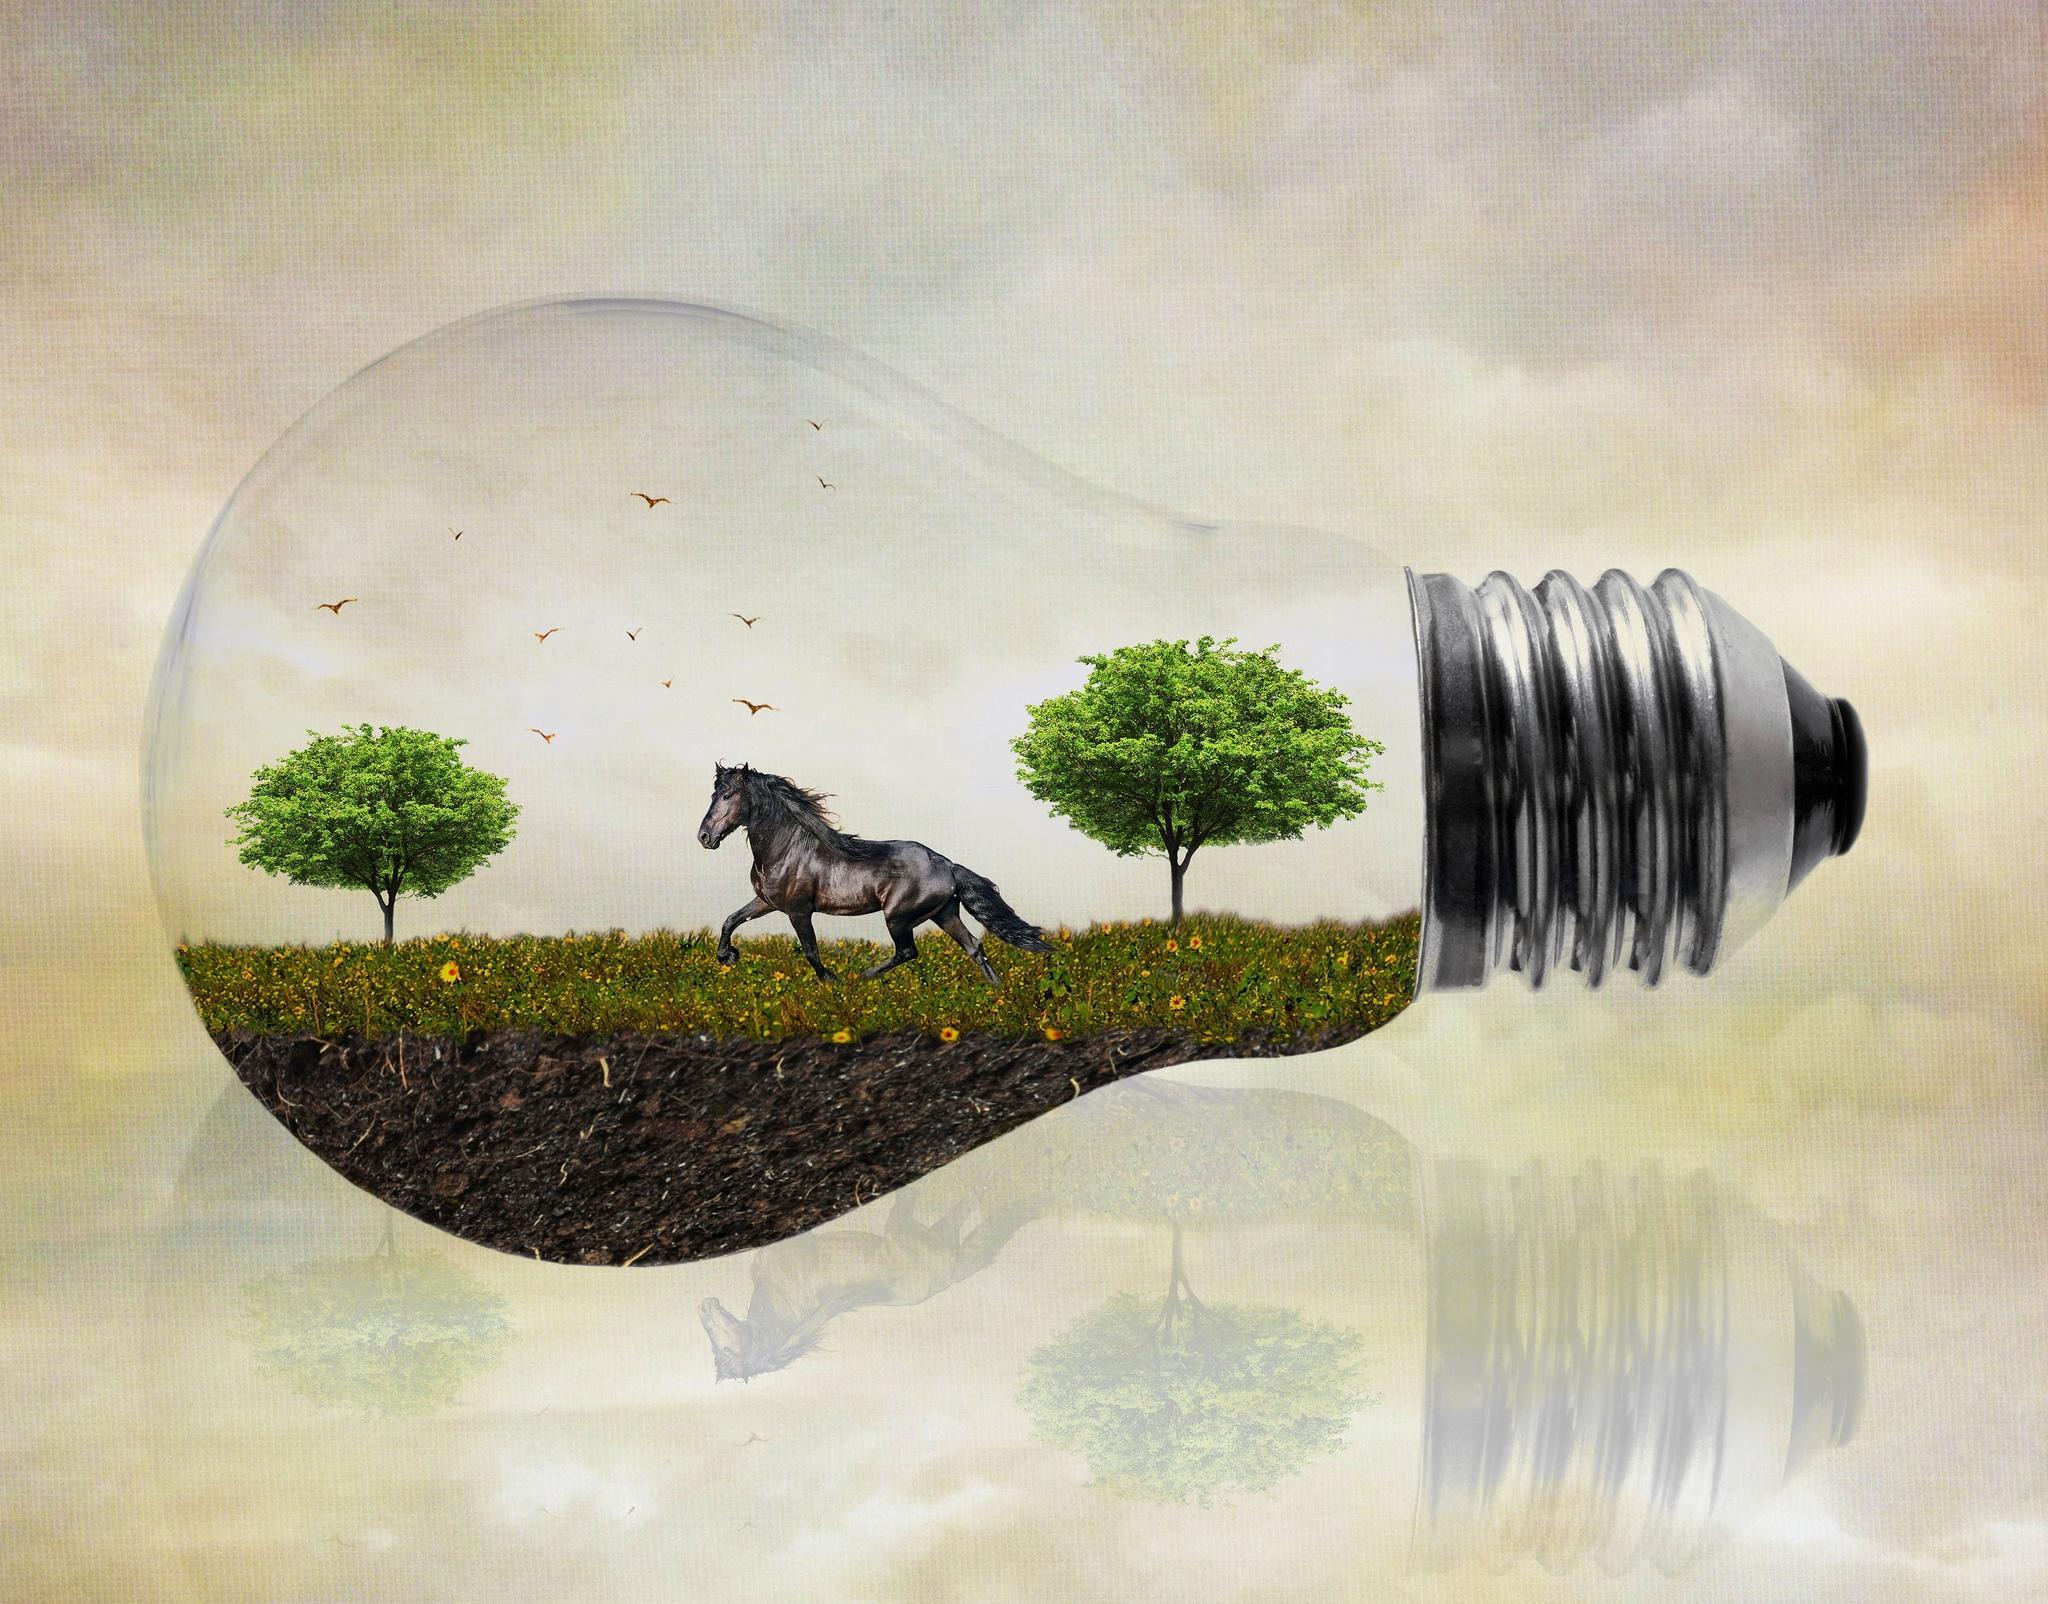 Обои лампочка, поле, лошадь, деревья